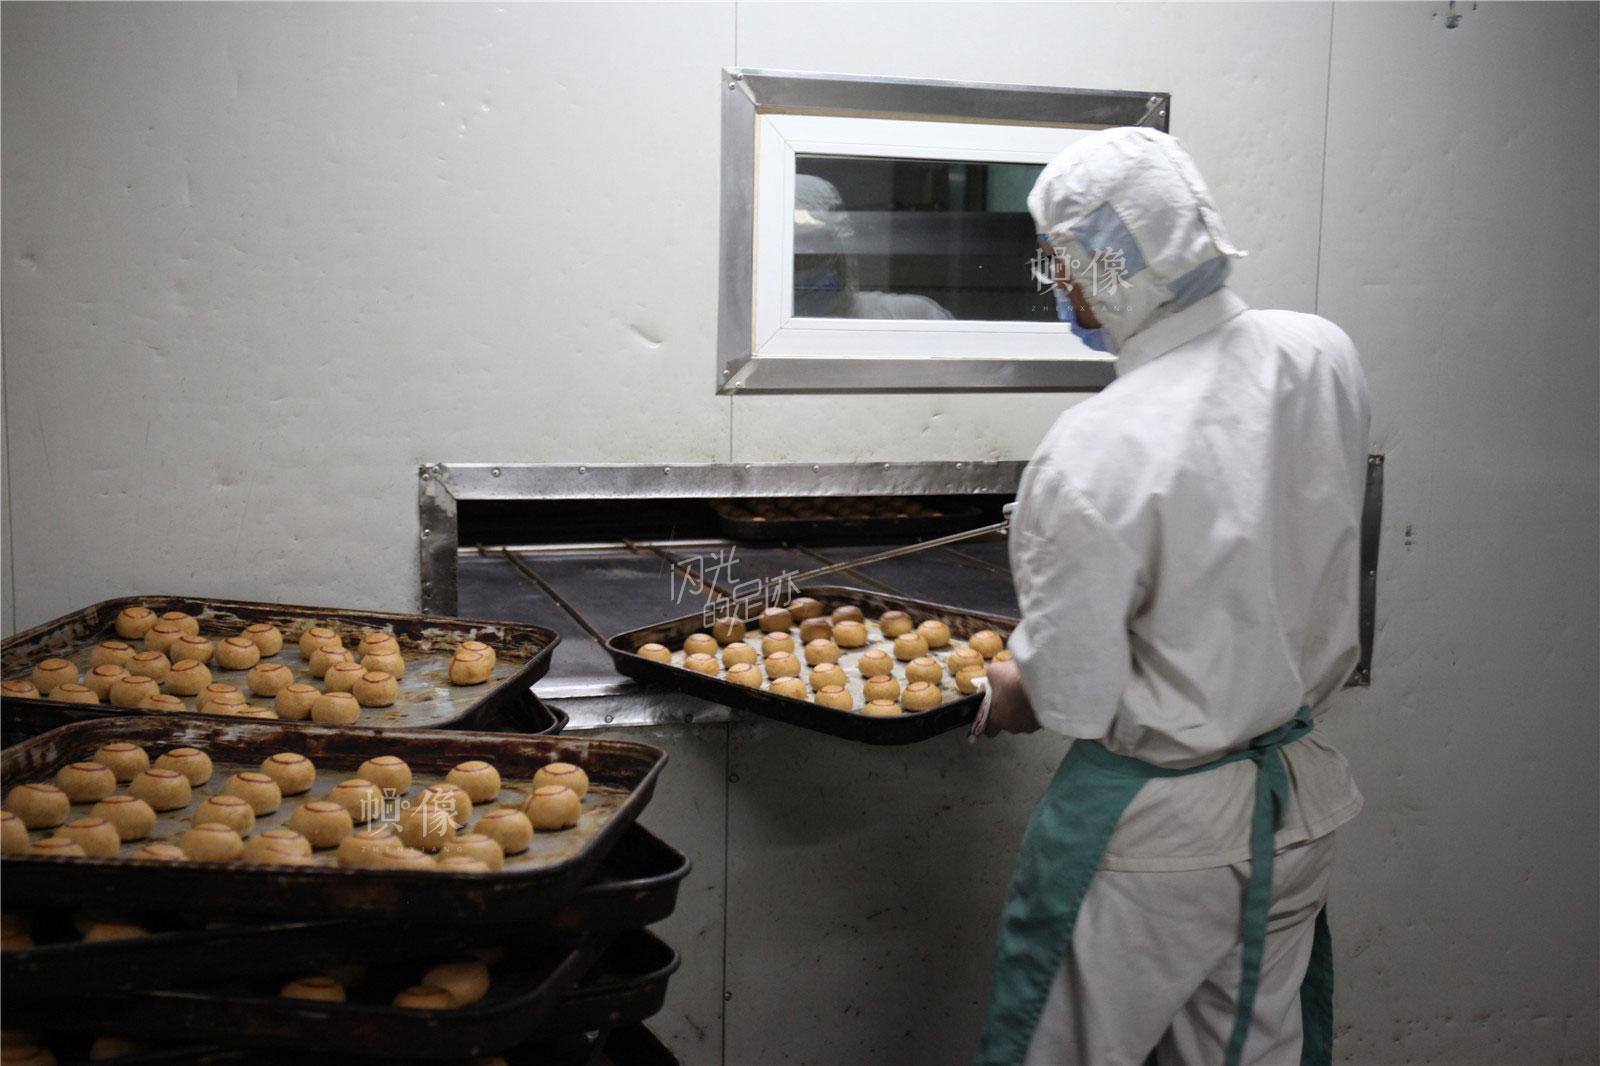 2017年3月2日,北京稻香村生产加工车间,工人正在处理刚出炉的糕点。中国网记者 高南 摄